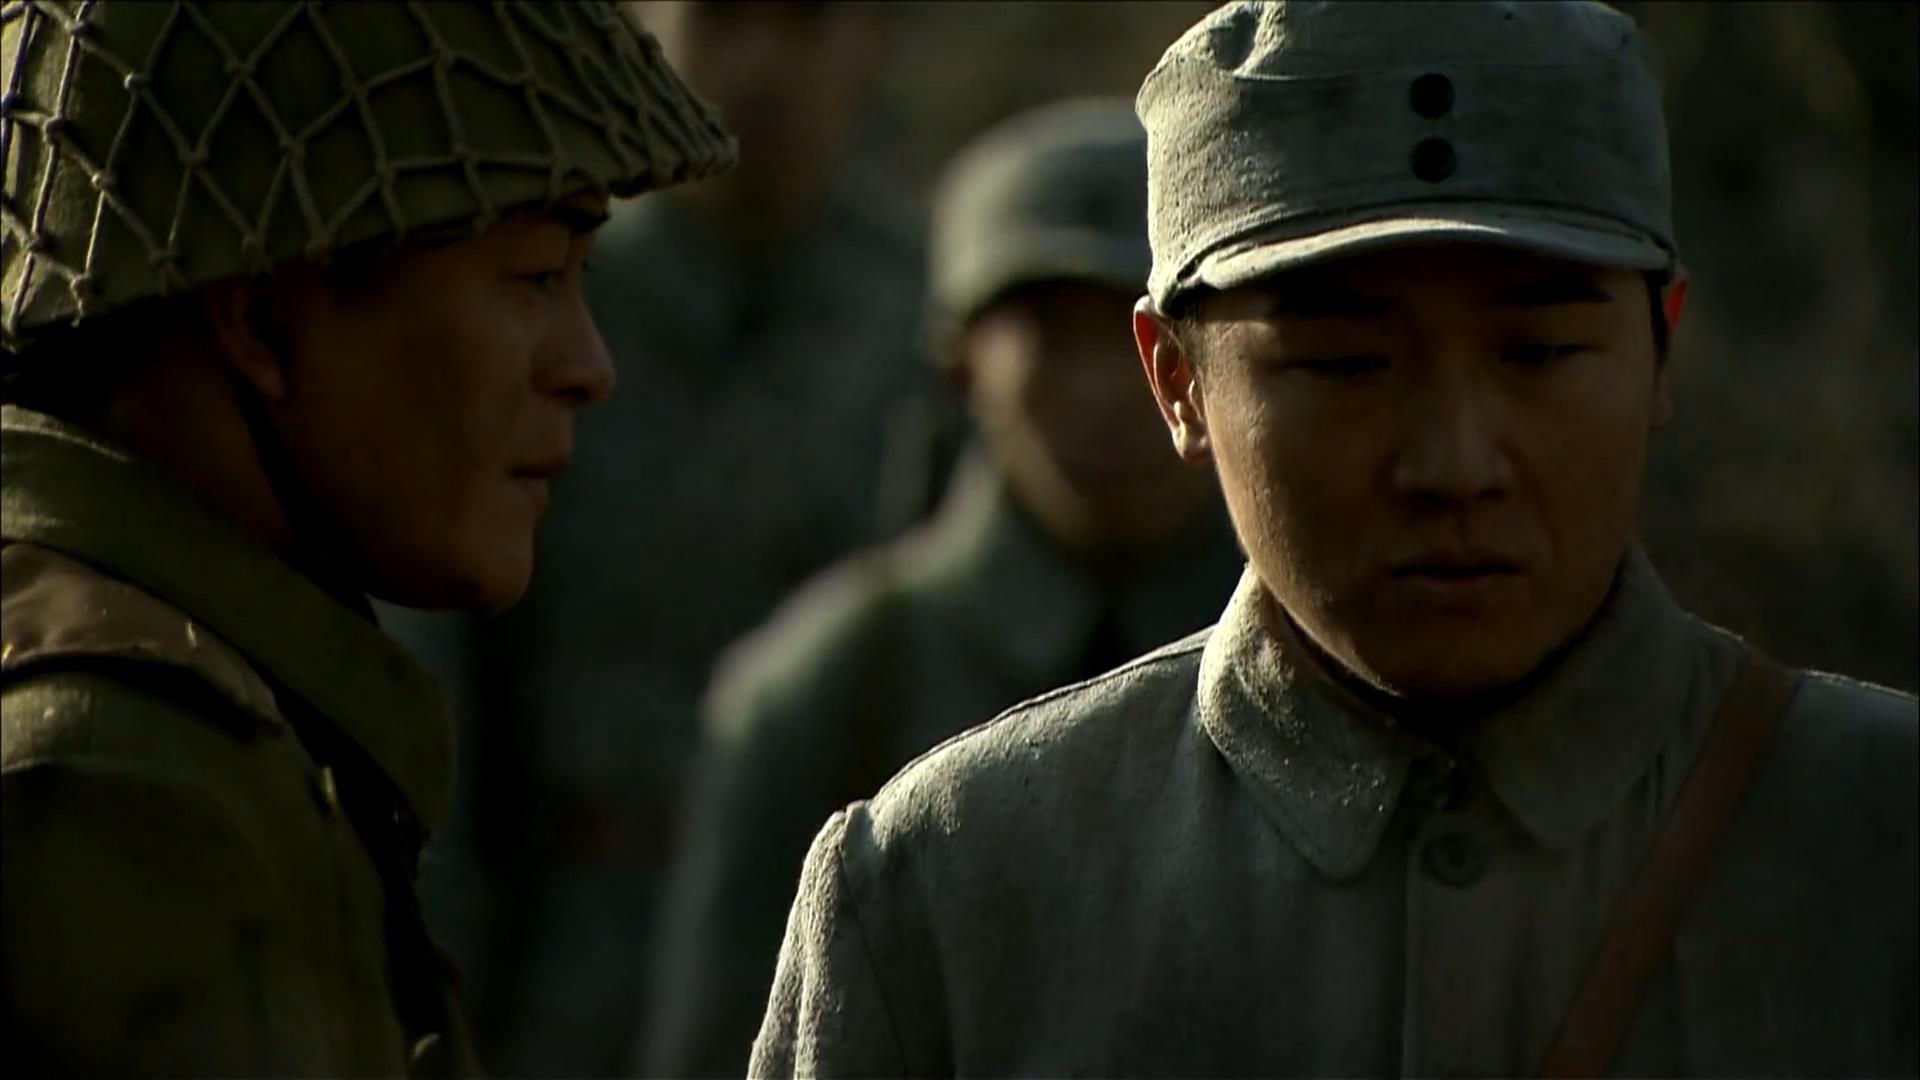 周卫国返回战场救兄弟,连长却带着人撤退了,这不是卖队友吗